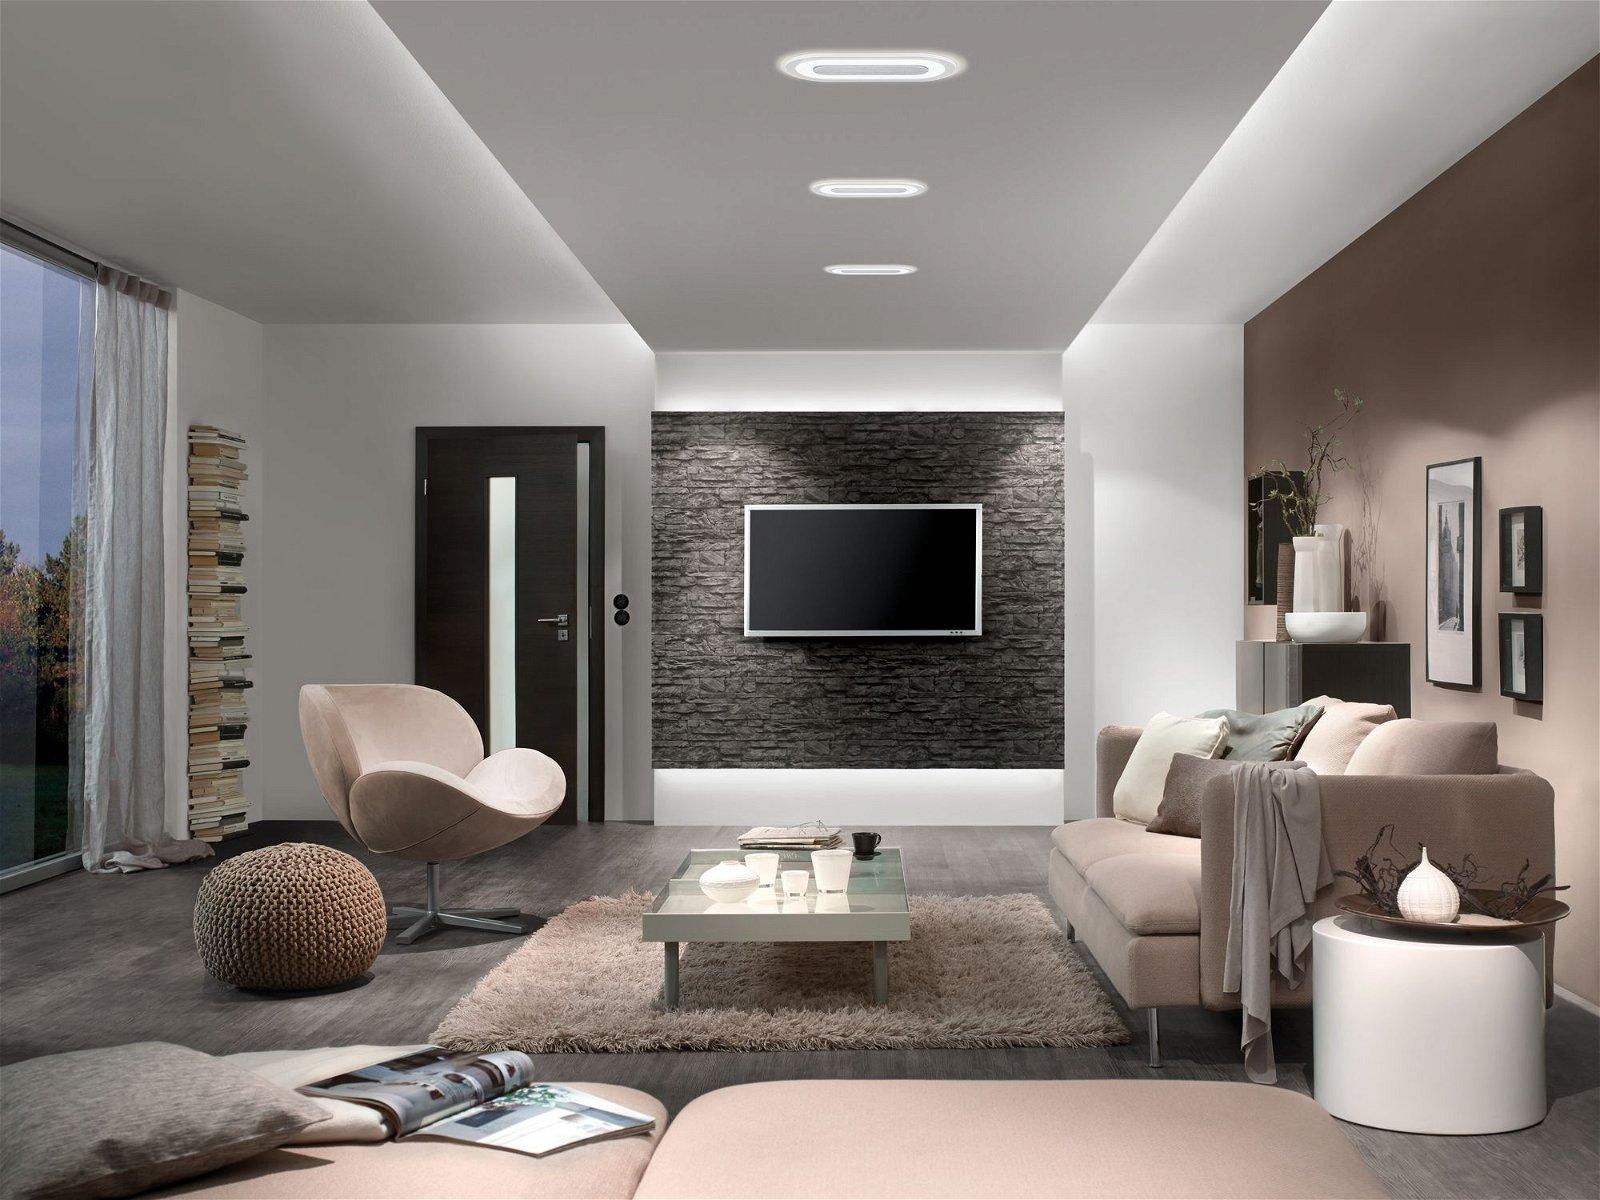 Premium Spot encastré LED Whirl Luminaire individuel rond 230x115mm 8W 680lm 230V 3000K Alu tourné/Satiné